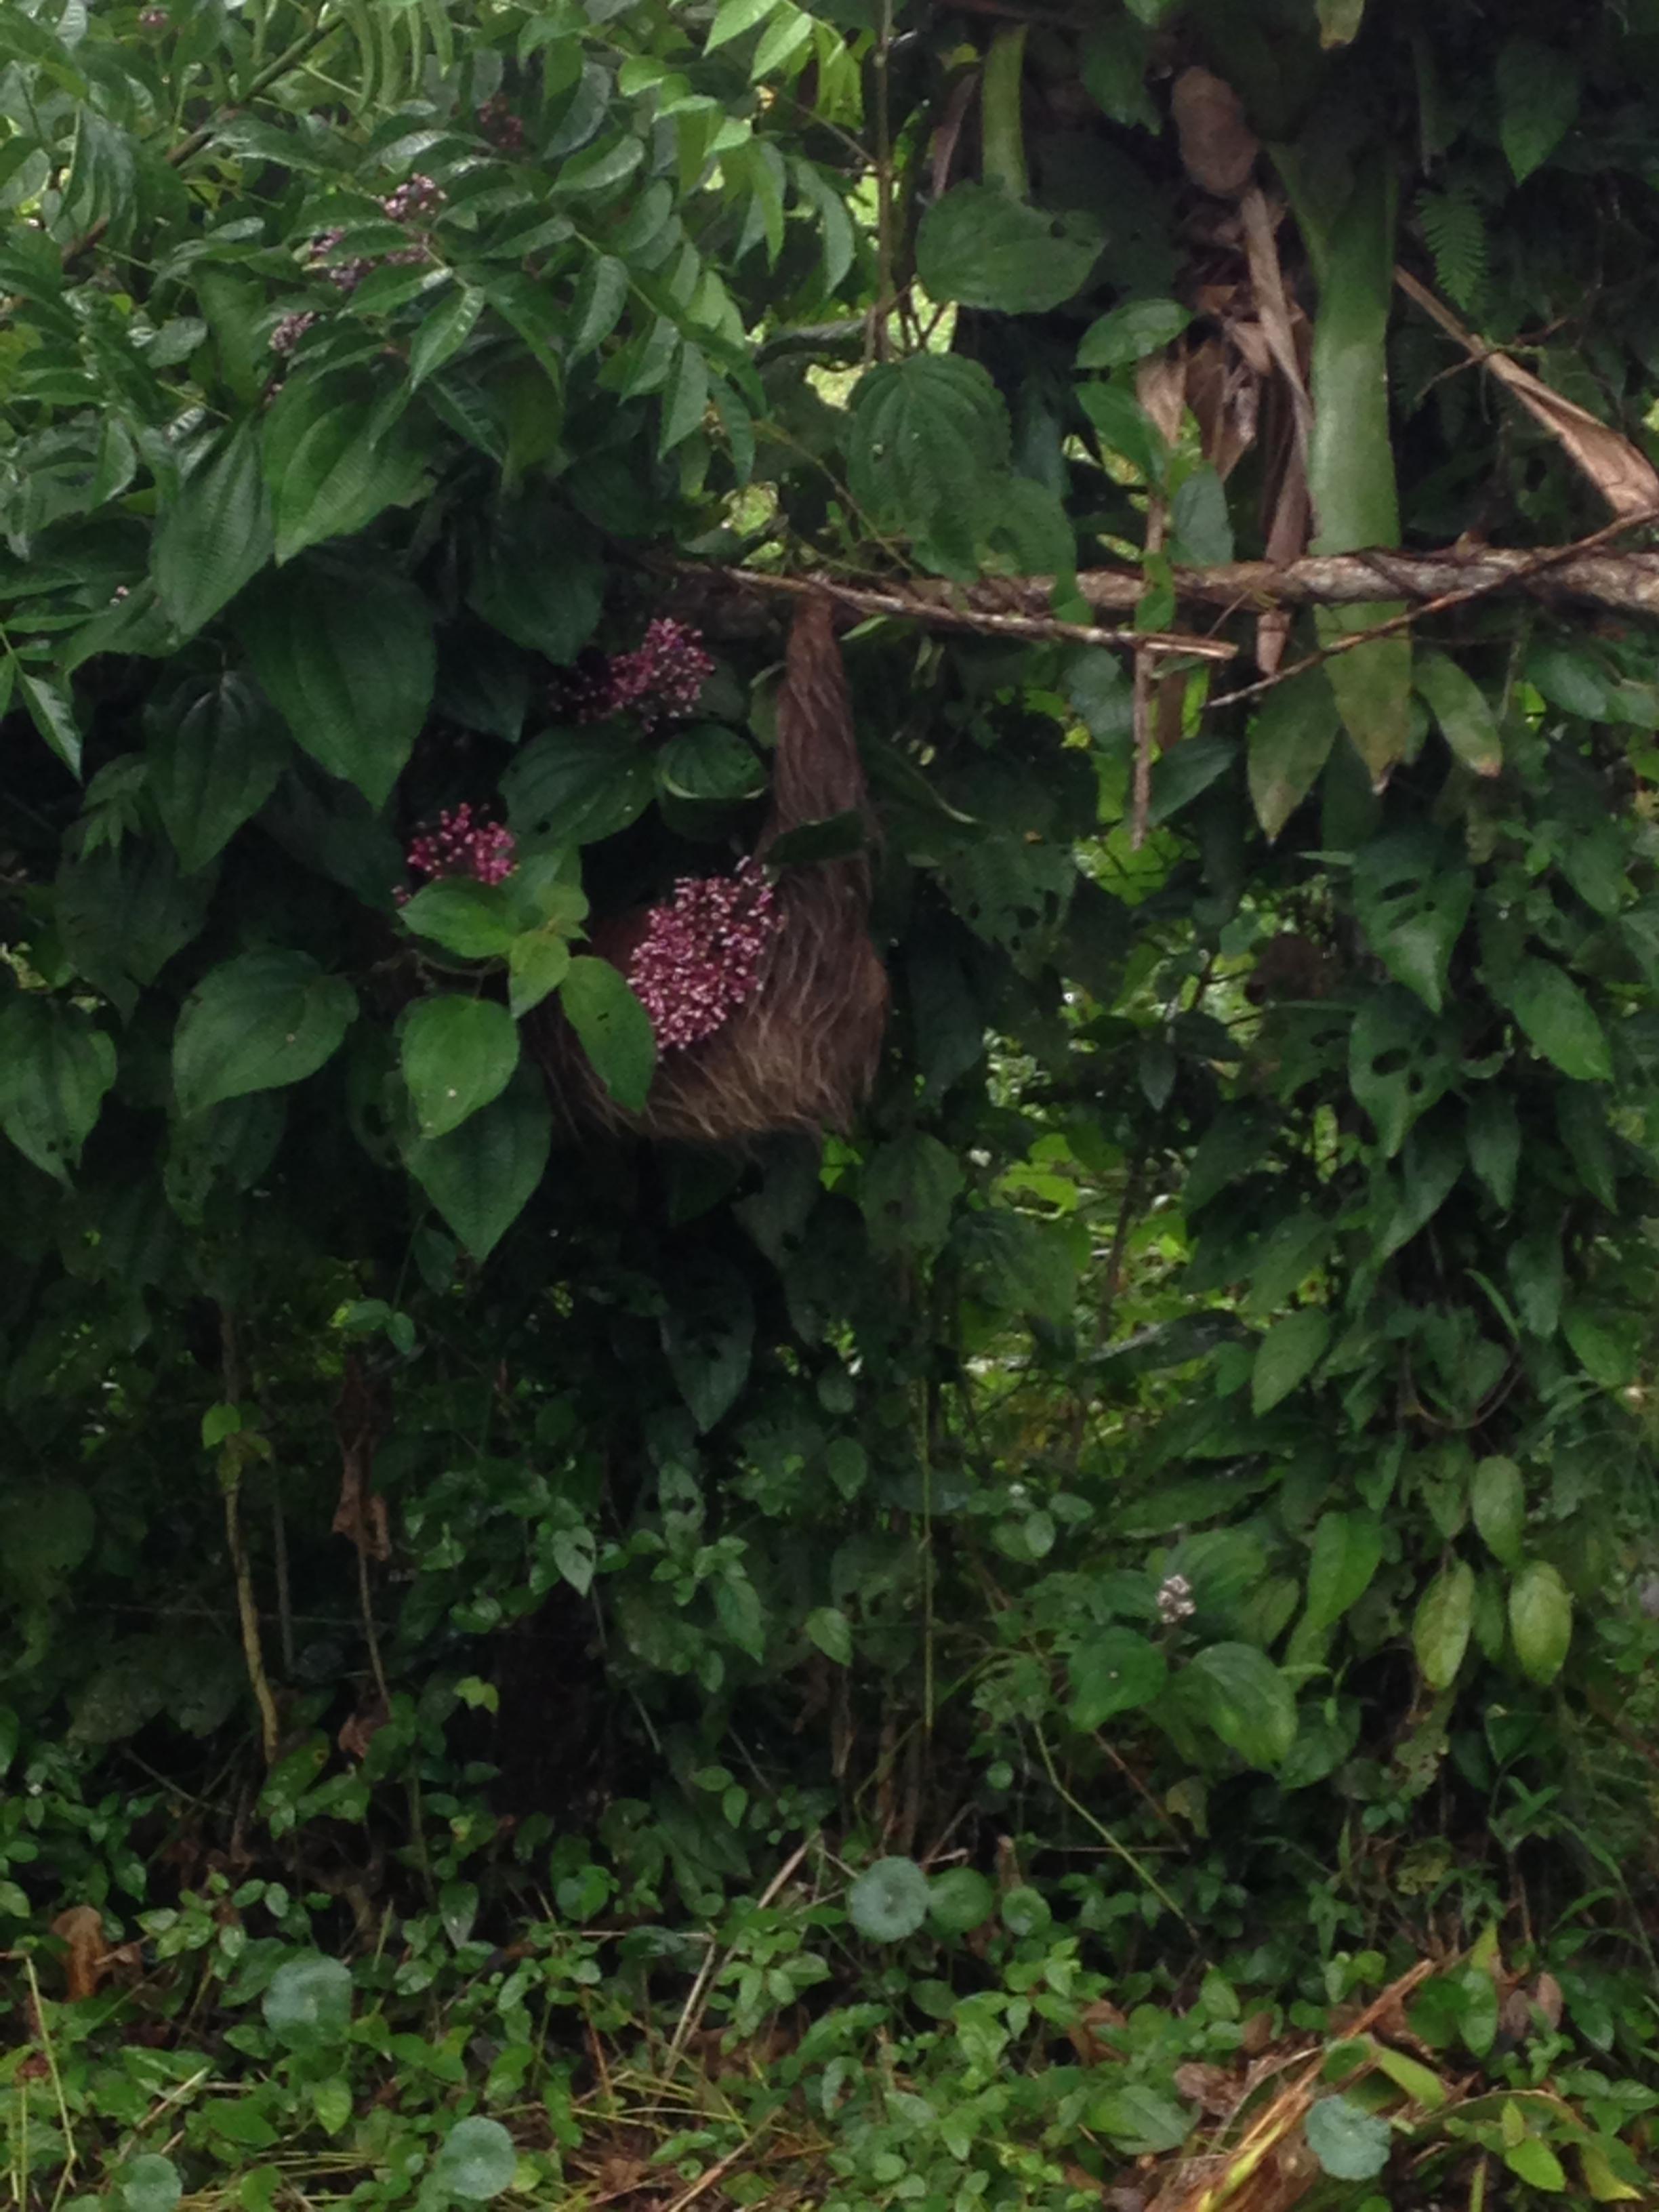 Sloth again